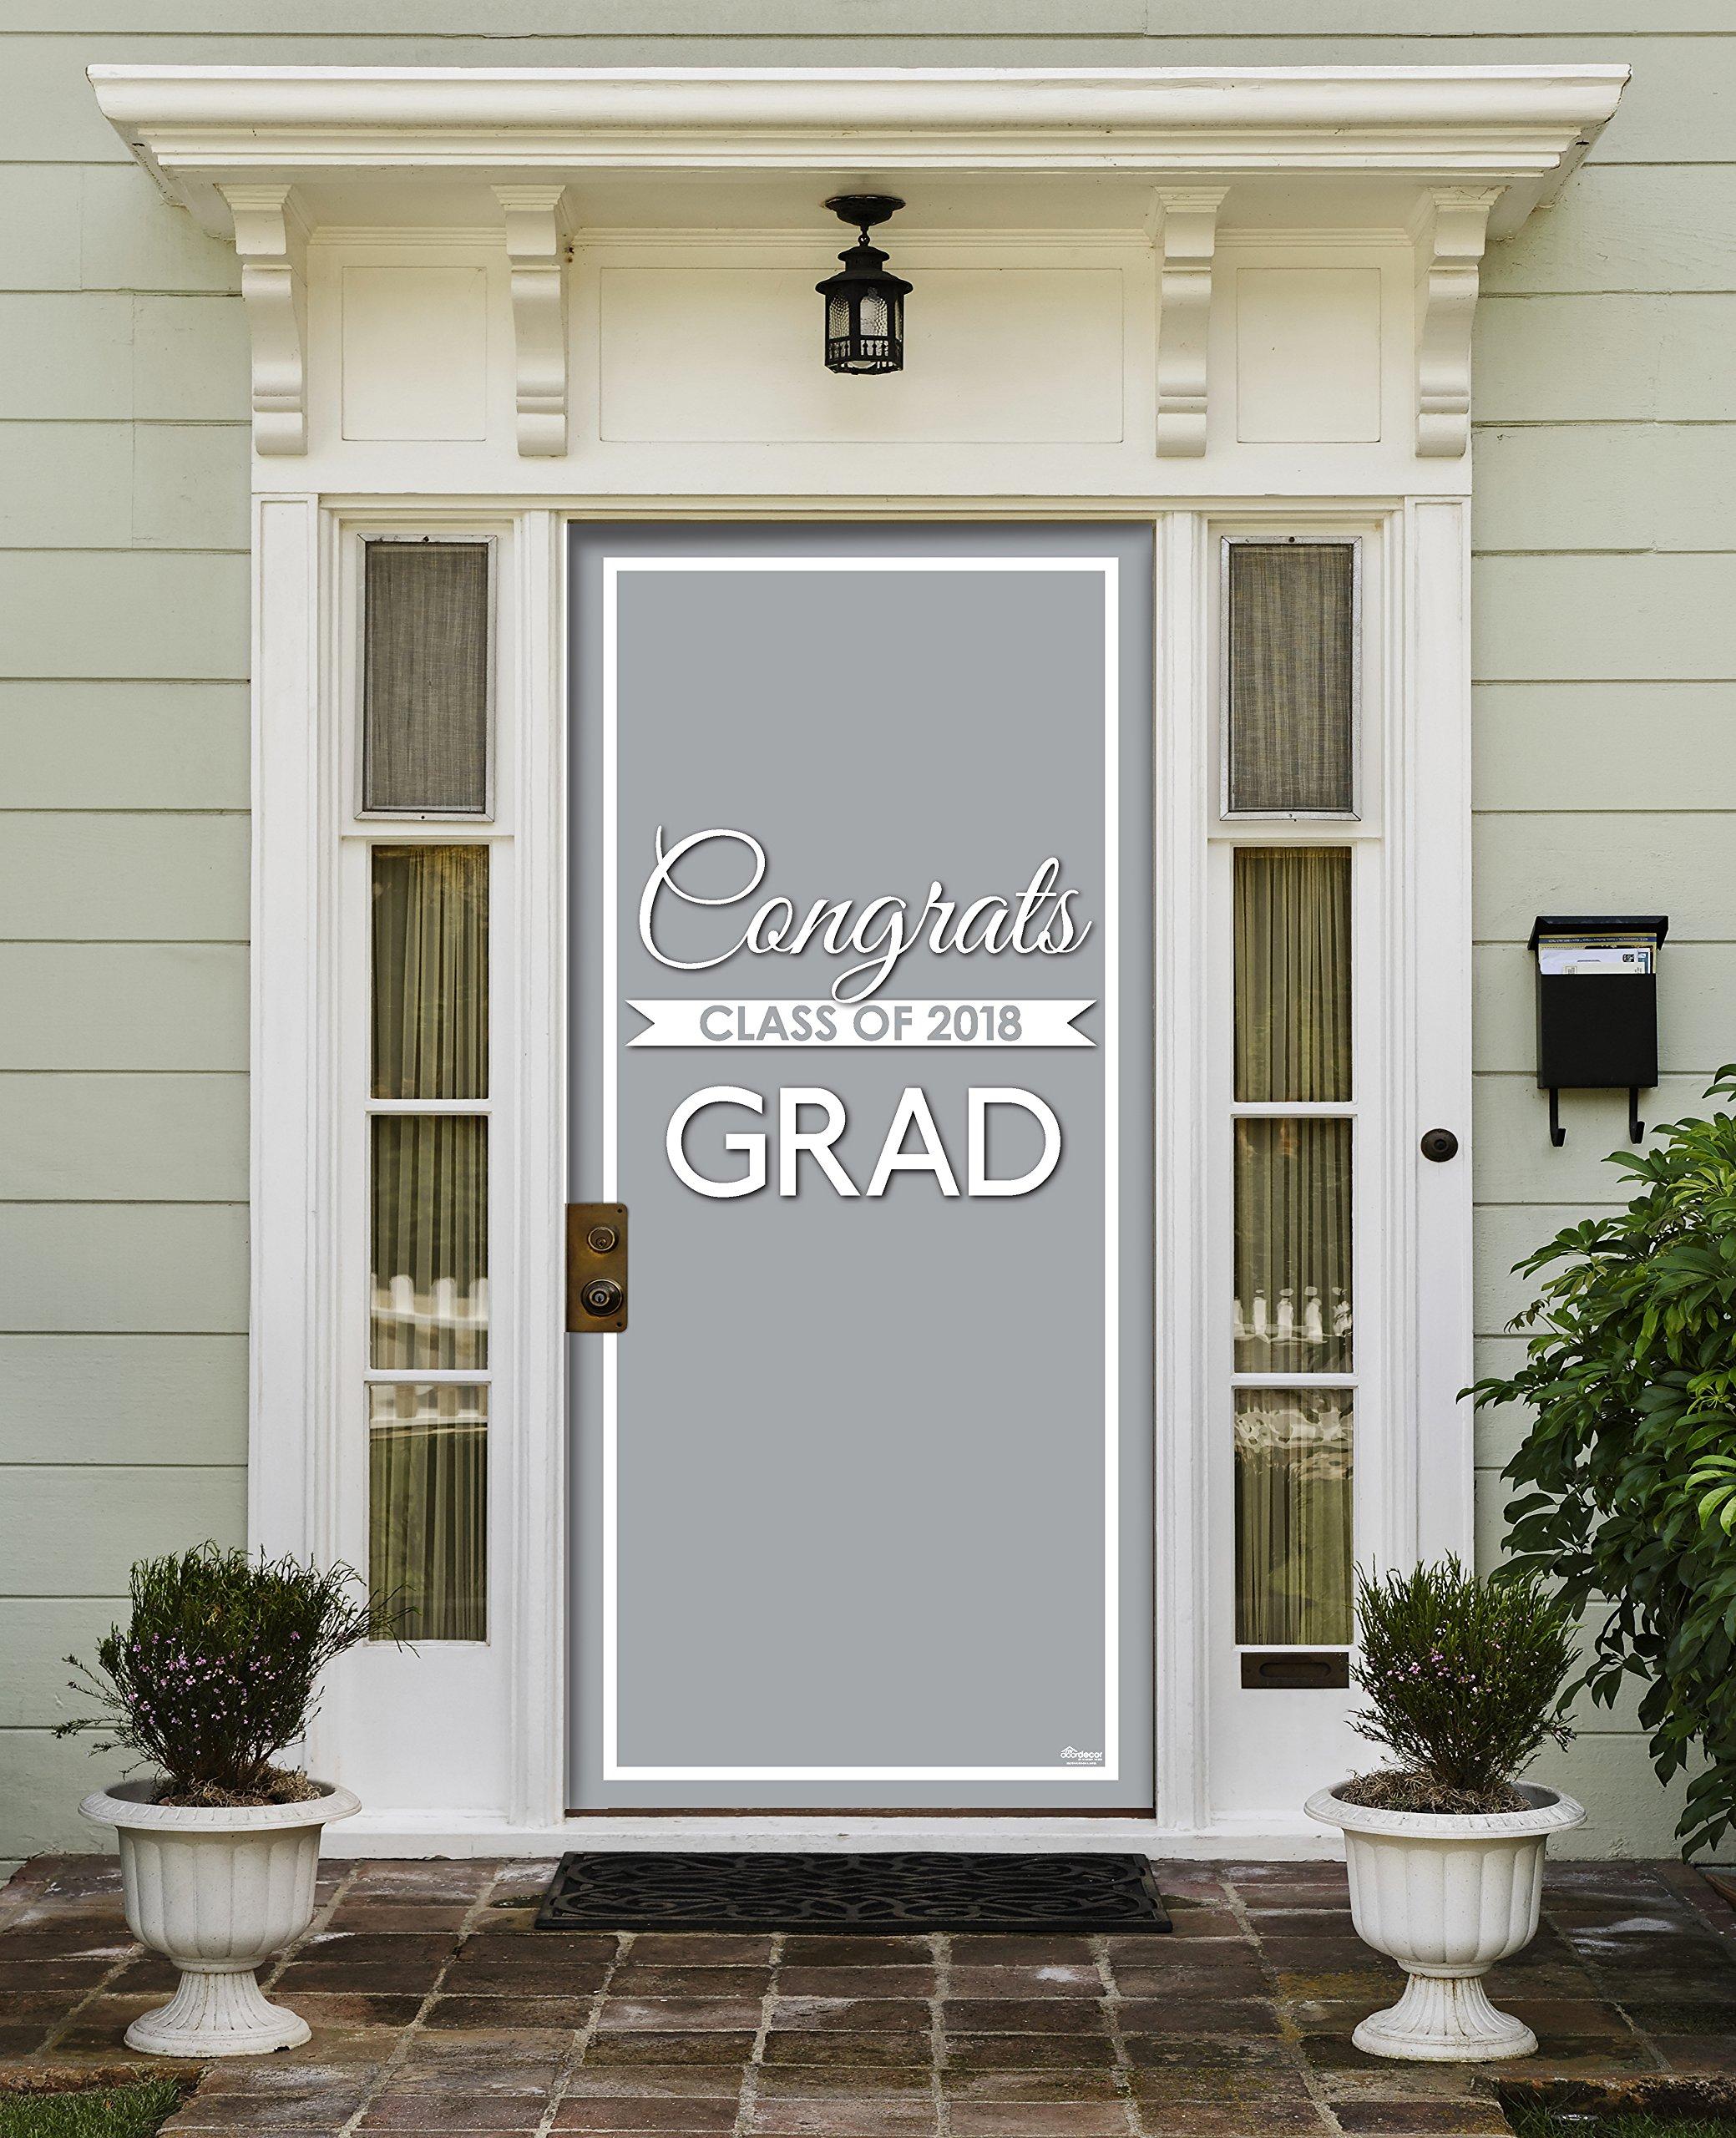 Victory Corps Class Banner Grey - Outdoor GRADUATION Garage Door Banner Mural Sign Décor 36'' x 80'' One Size Fits All Front Door Car Garage -The Original Holiday Front Door Banner Decor